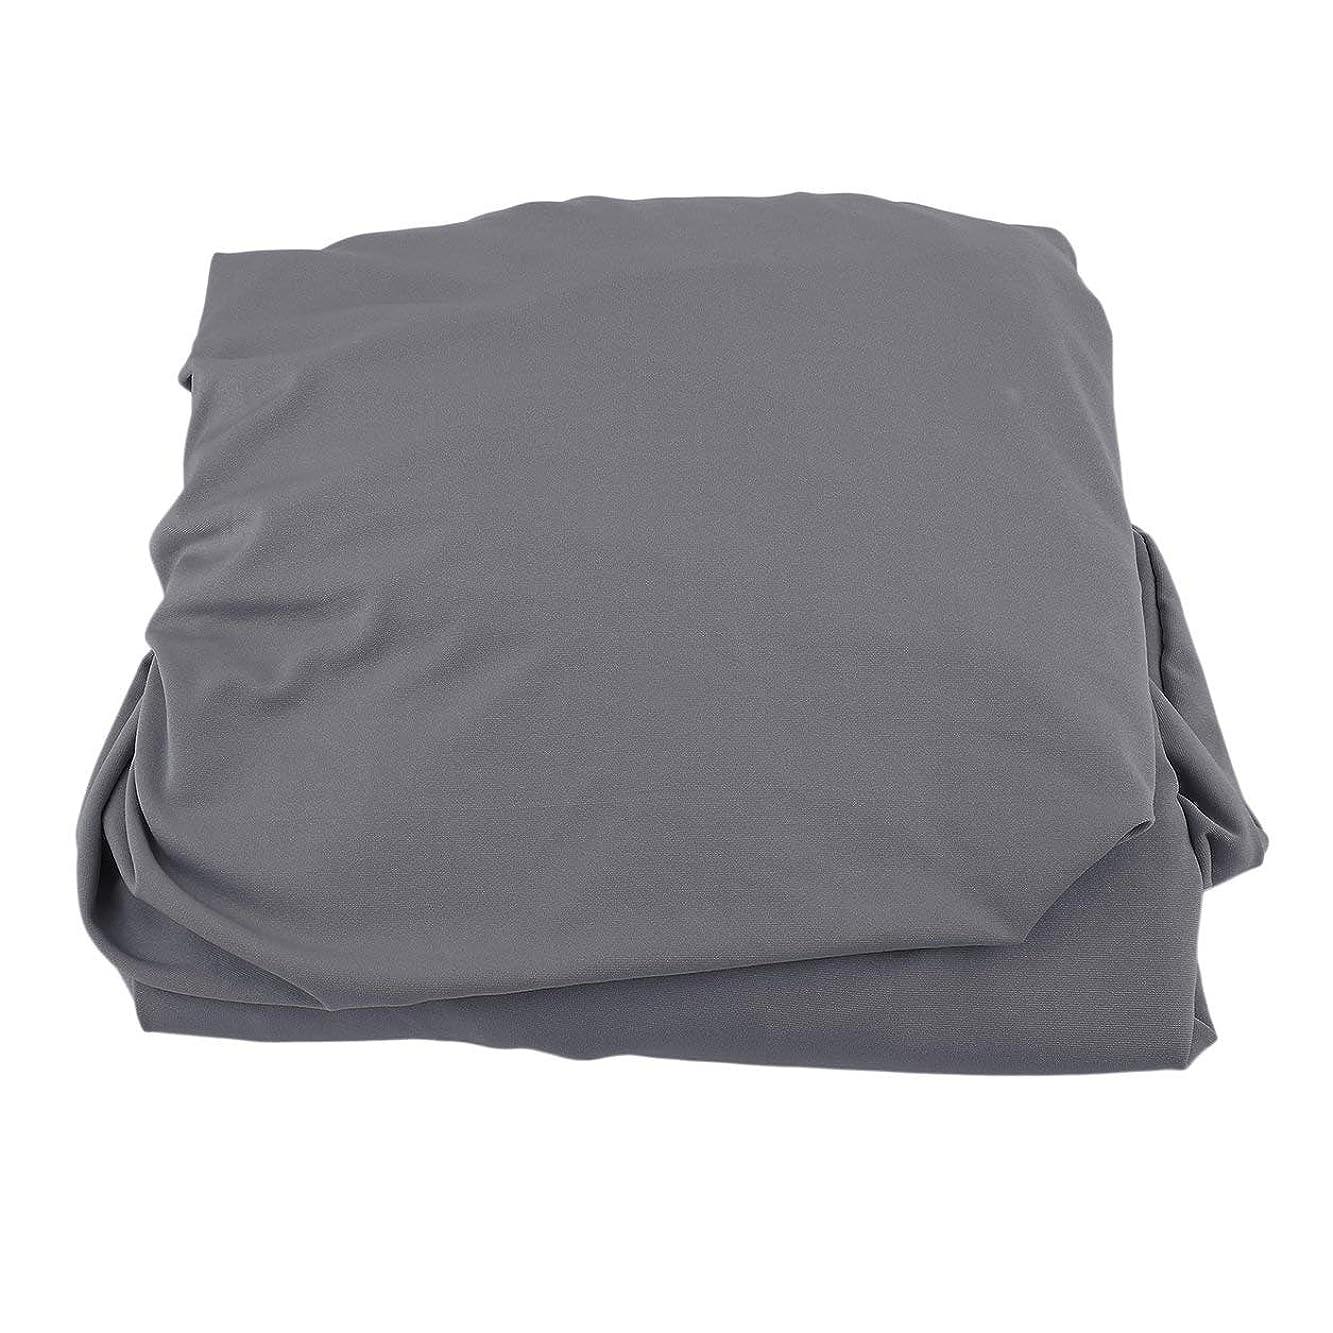 極めて重要なプレゼント価値Saikogoods 弾性ポリエステルソファカバーピュアカラーストレッチ本のカバー柔軟な椅子Dustcoat耐久性のあるソファーカバー家具の布 グレー